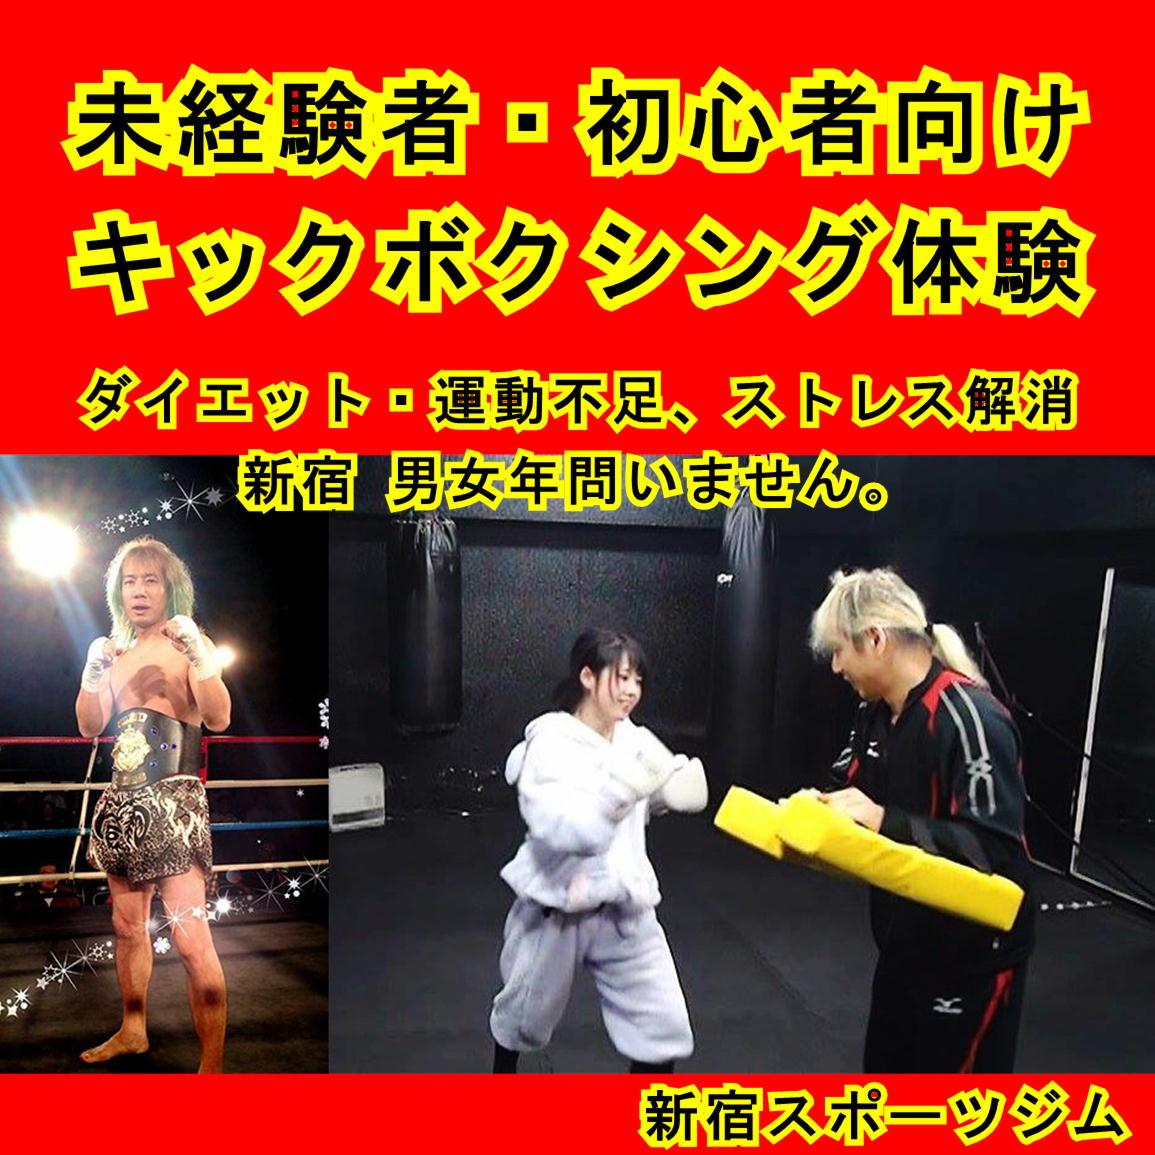 新宿 キックボクシング体験レッスン 60分